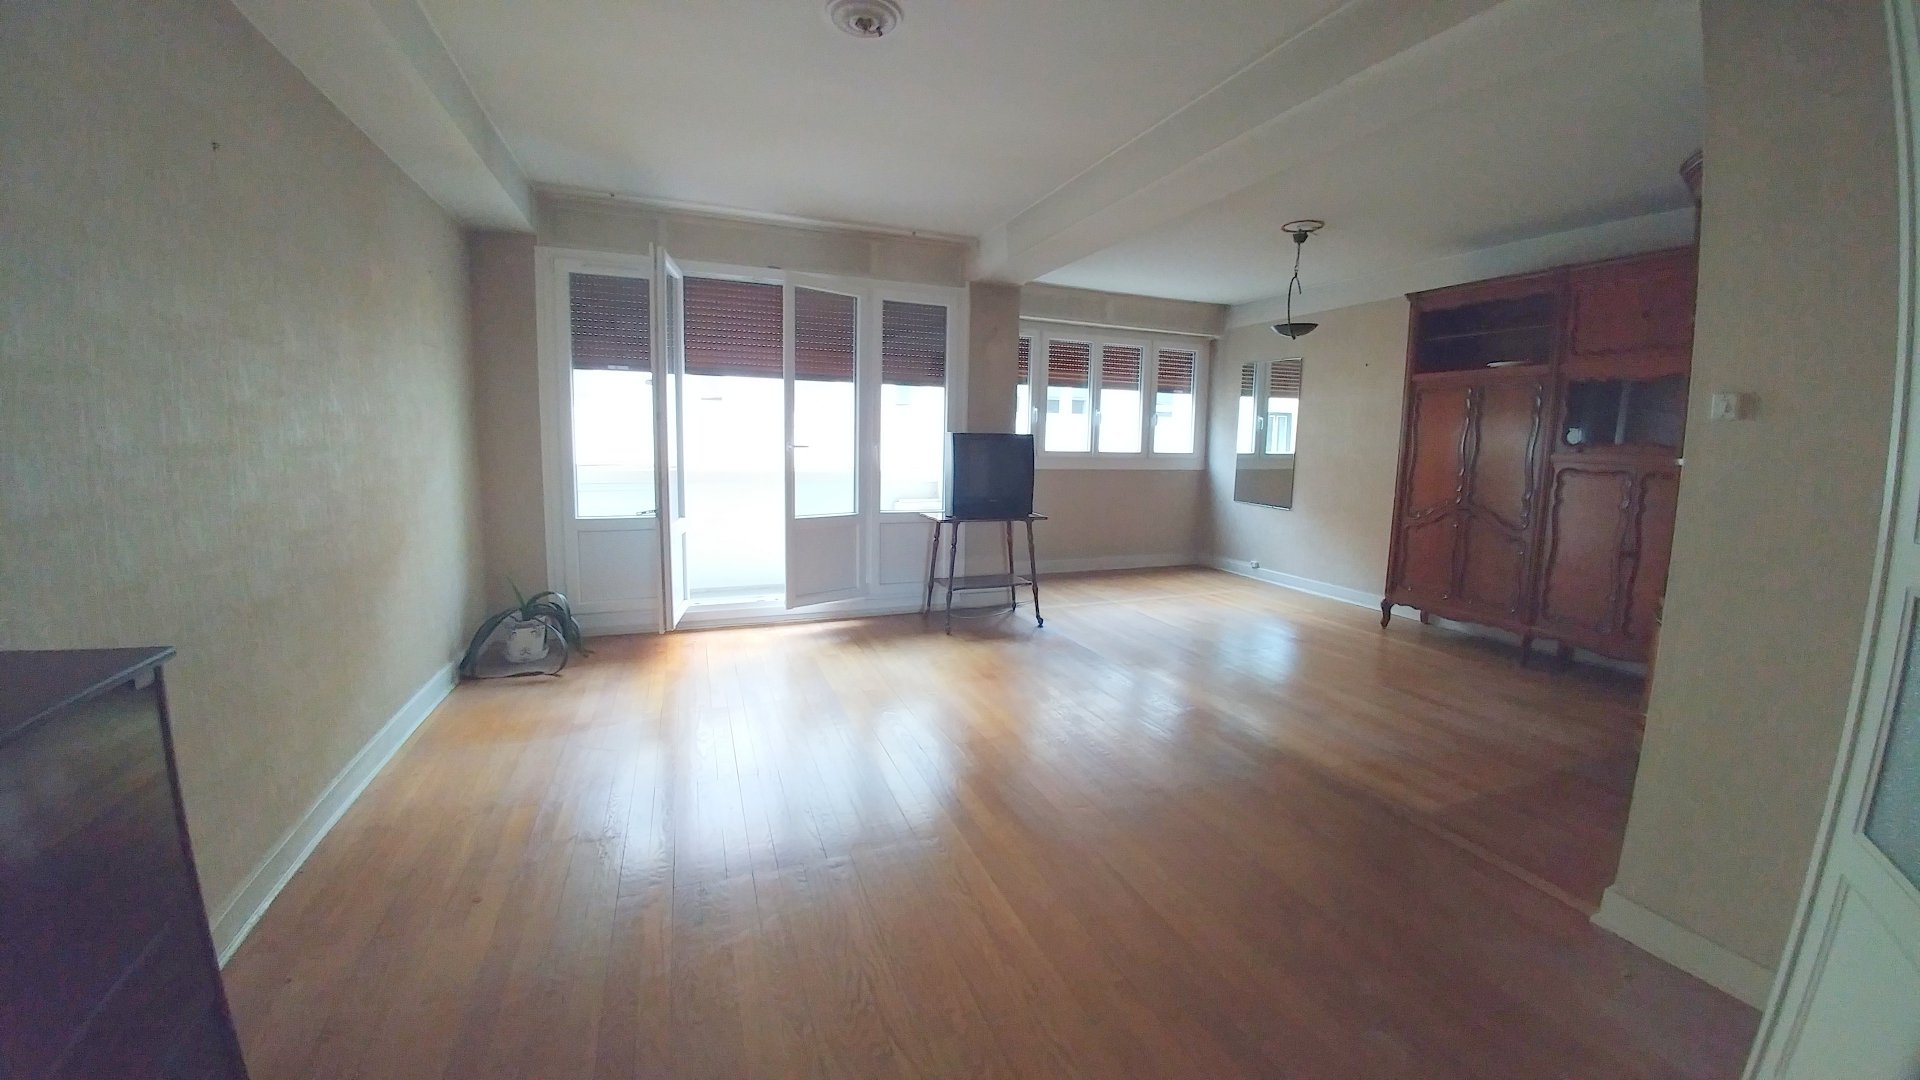 Sale Apartment - Lyon 6ème Foch